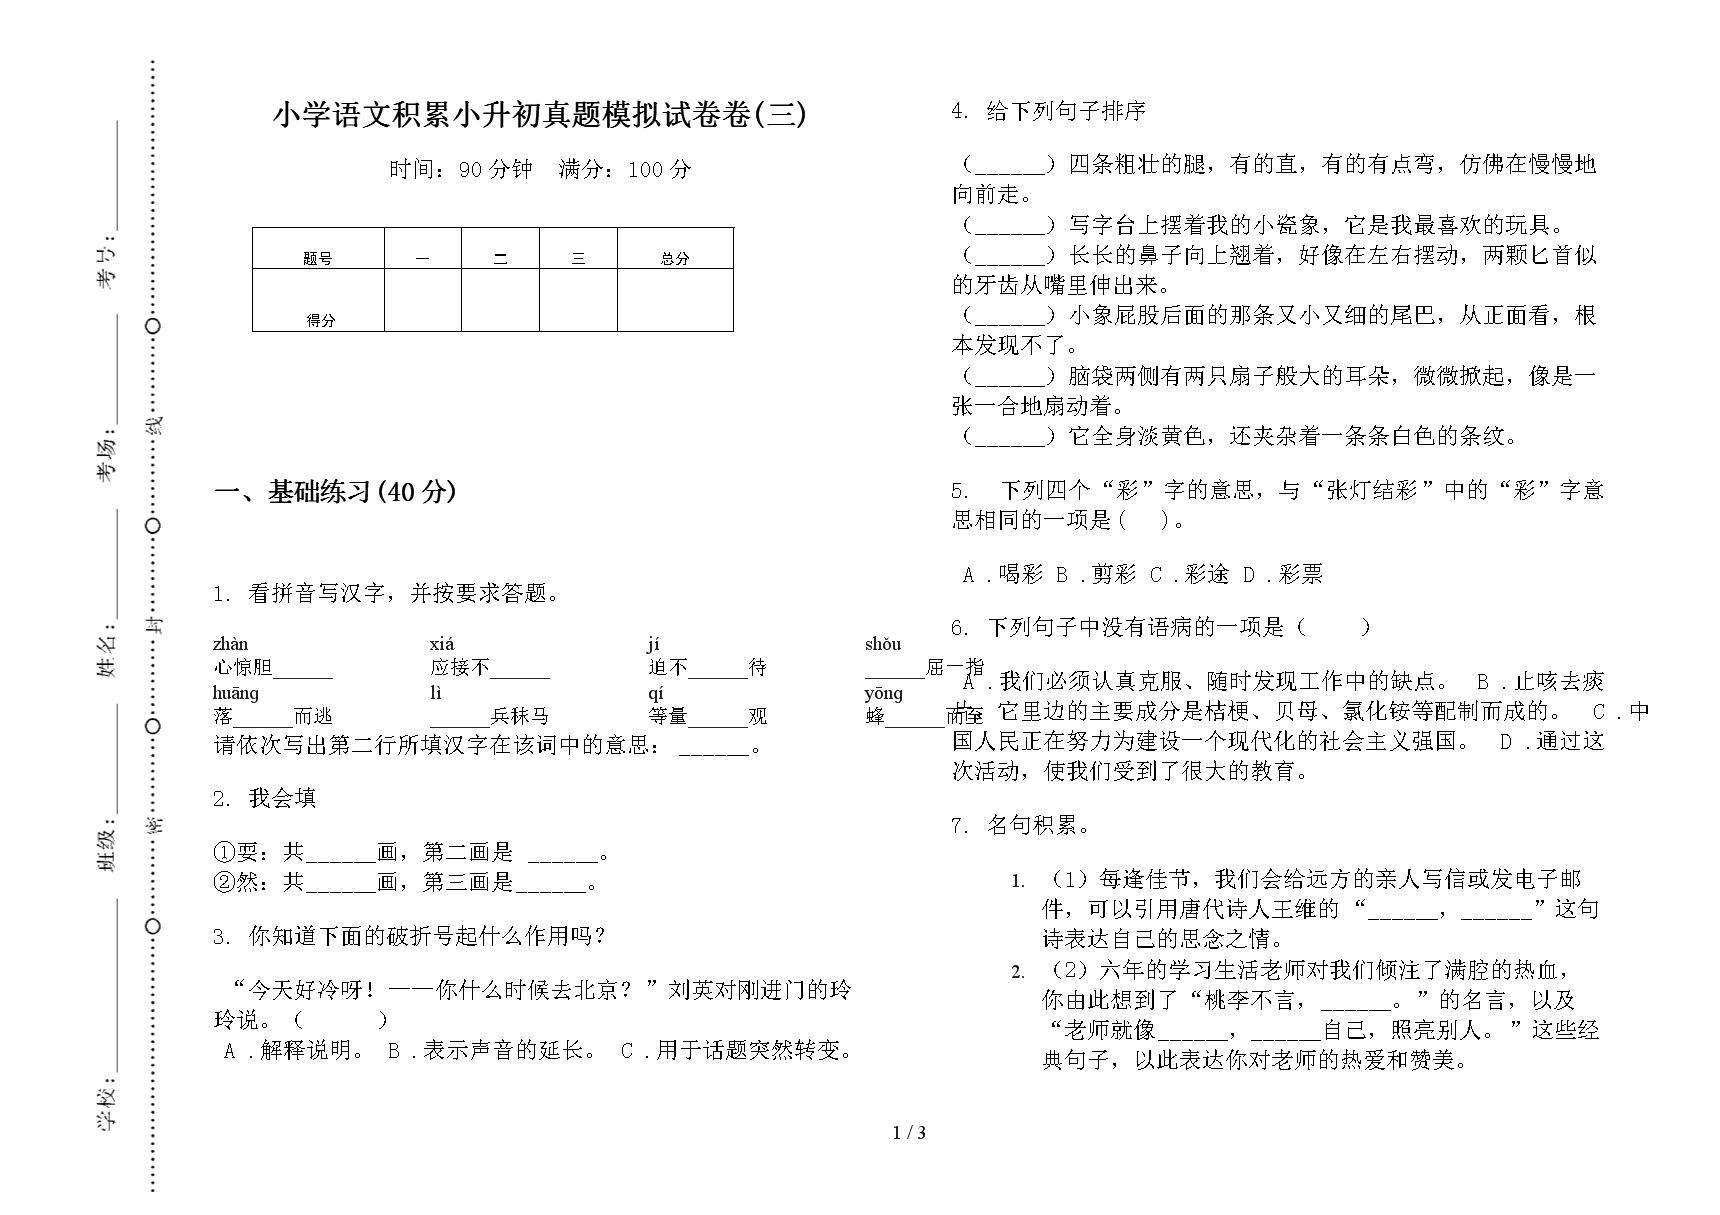 小学语文积累小升初真题模拟试卷卷(三).docx